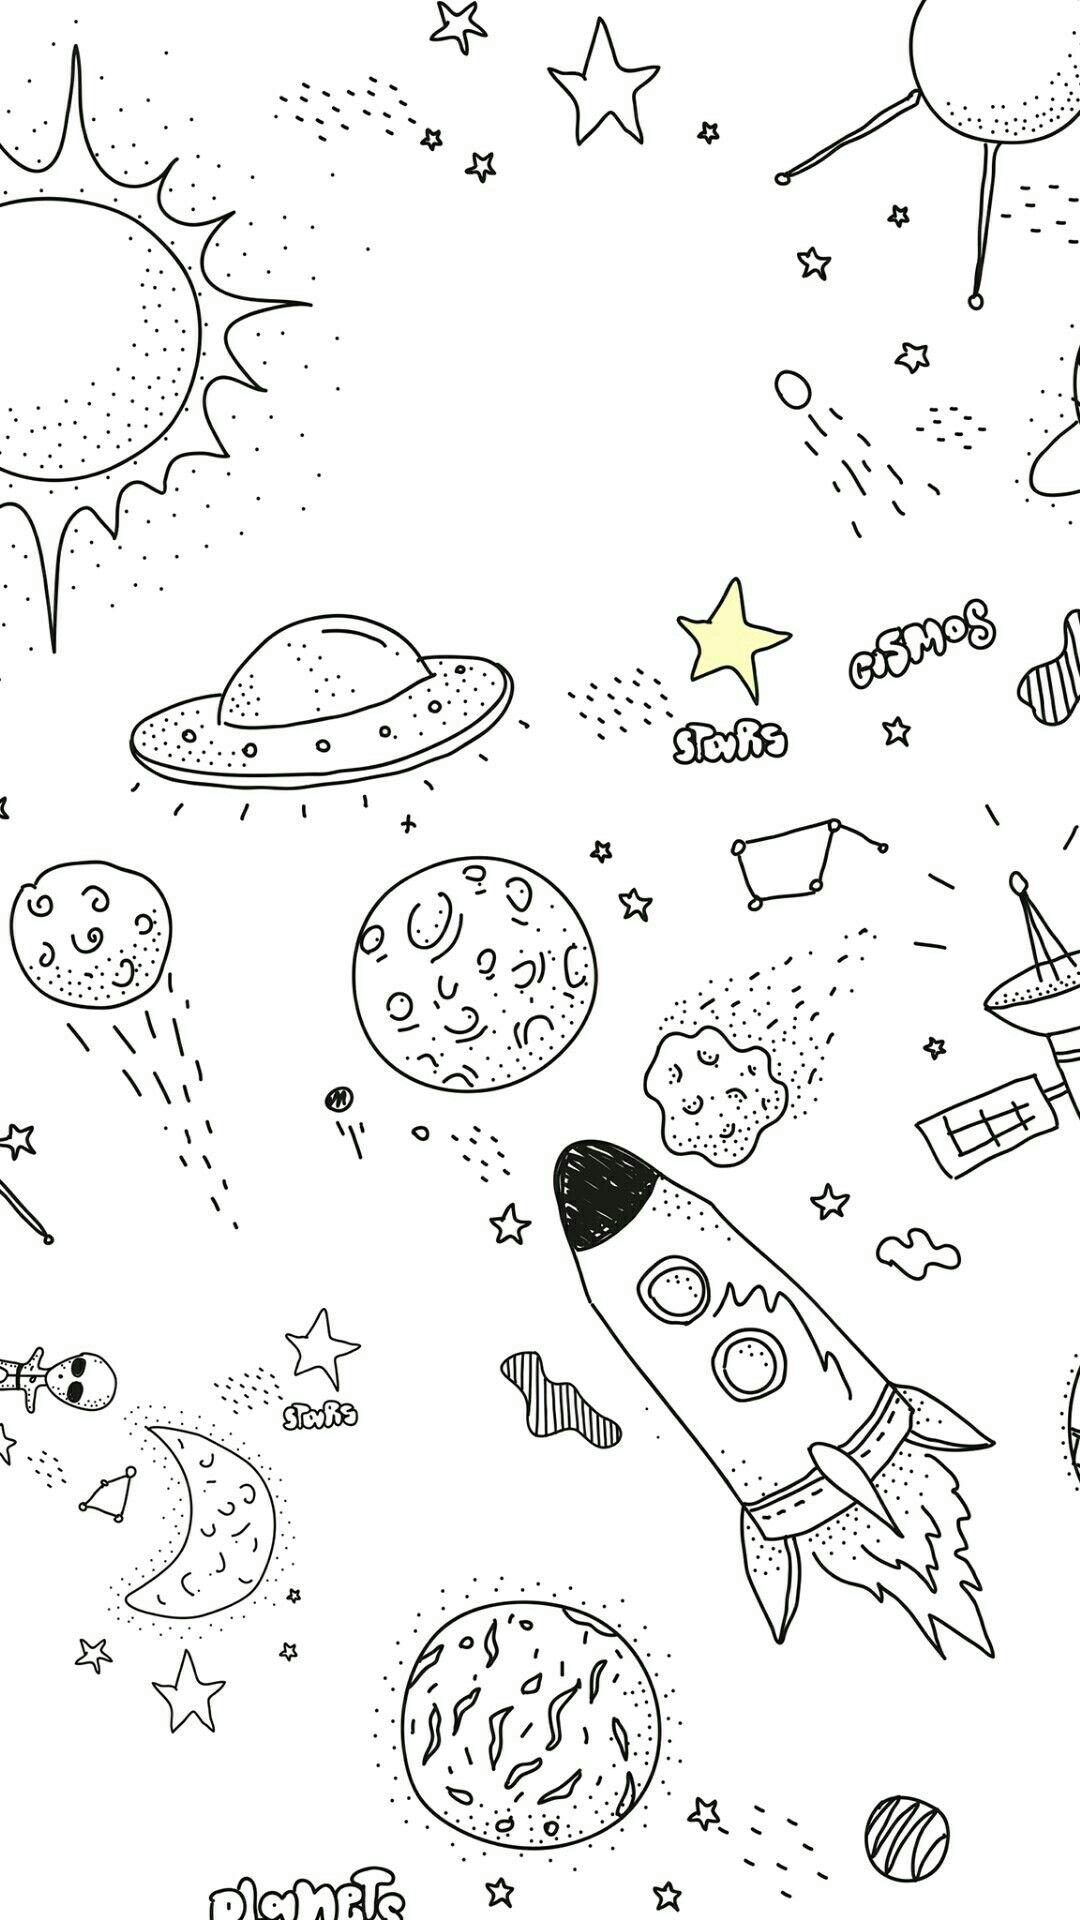 Unduh 610 Koleksi Background Tumblr Drawing HD Gratis